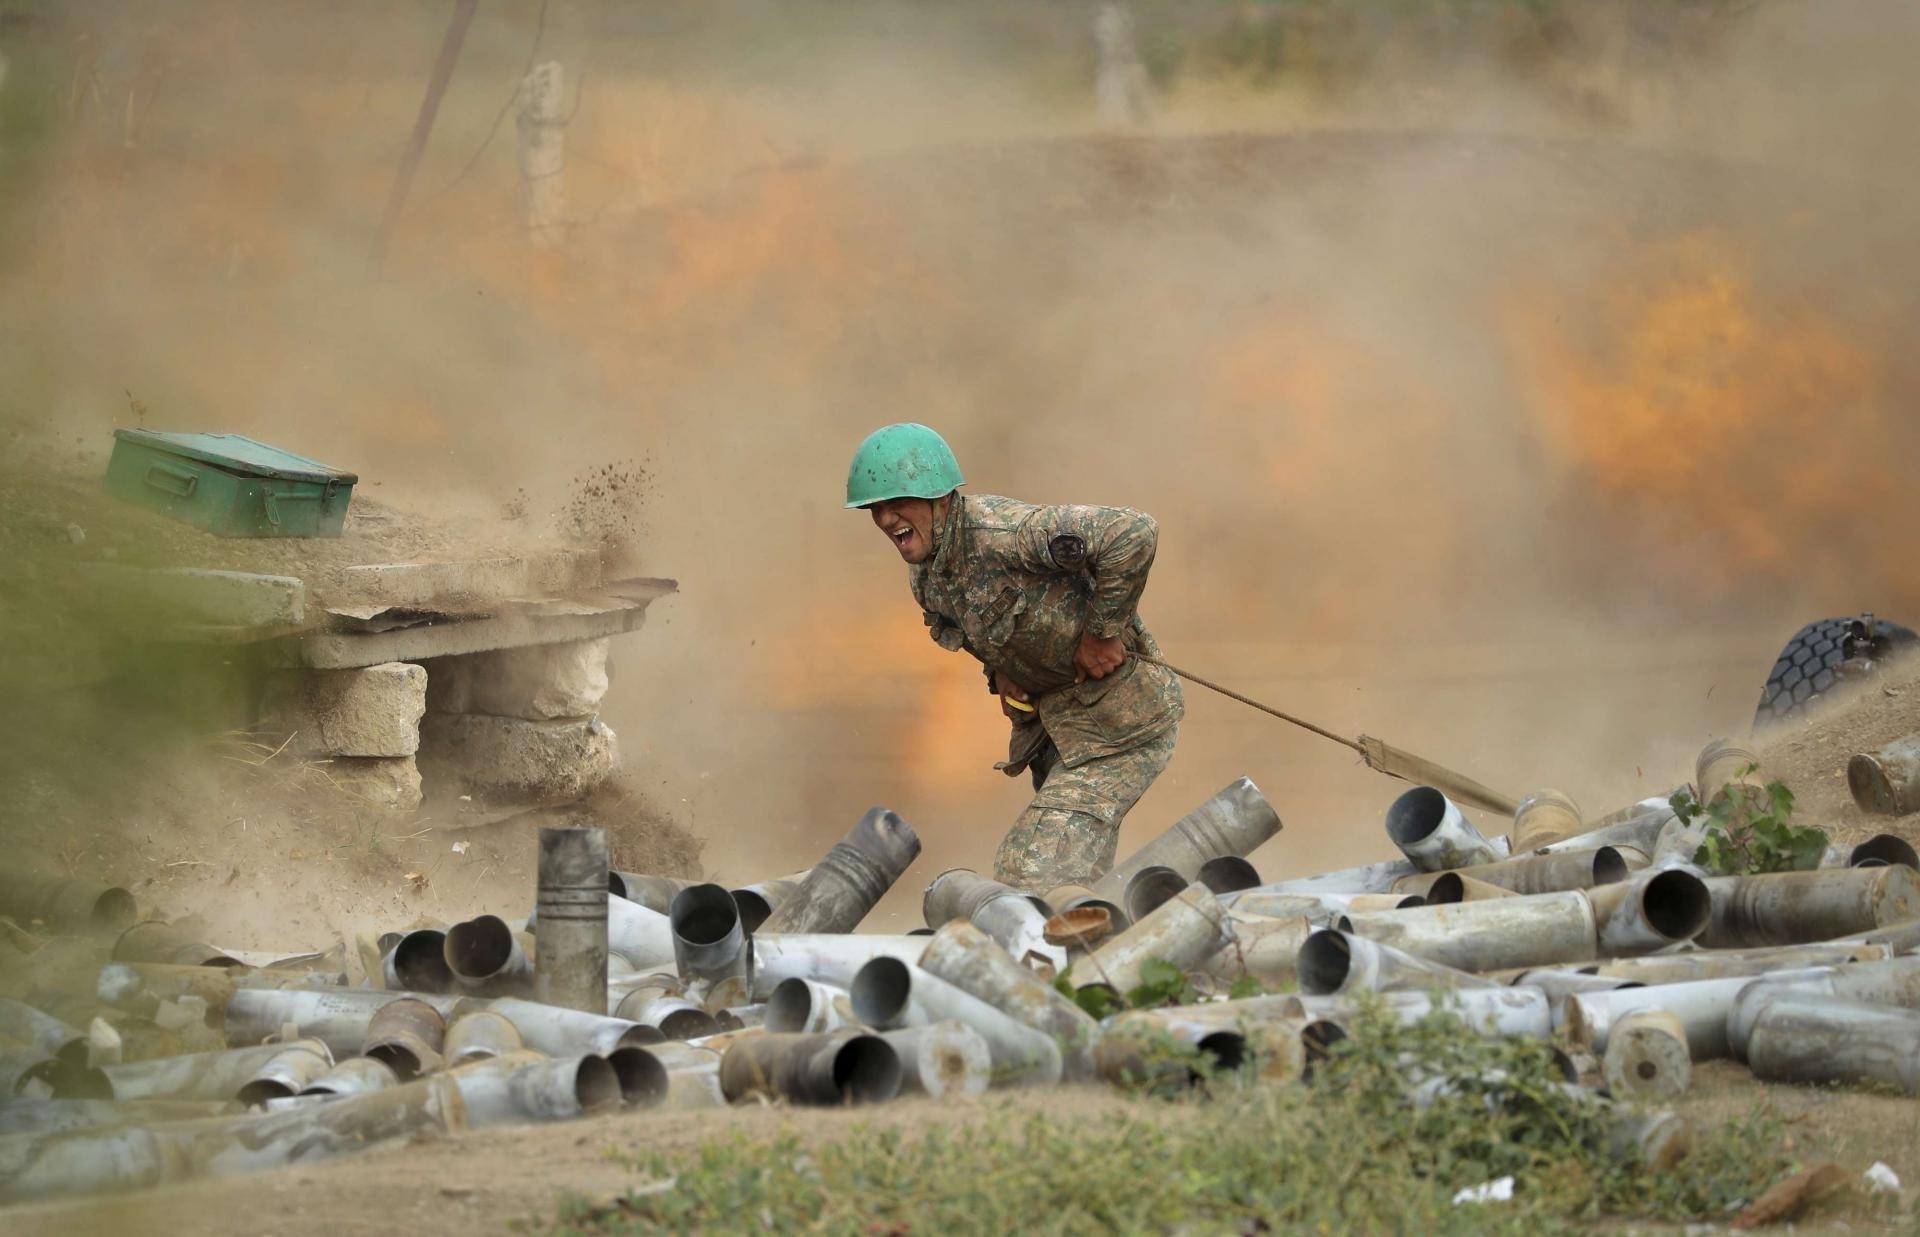 الخارجية الروسية: عمليات نقل الإرهابيين من سوريا وليبيا إلى كراباخ تقود إلى المزيد من التصعيد